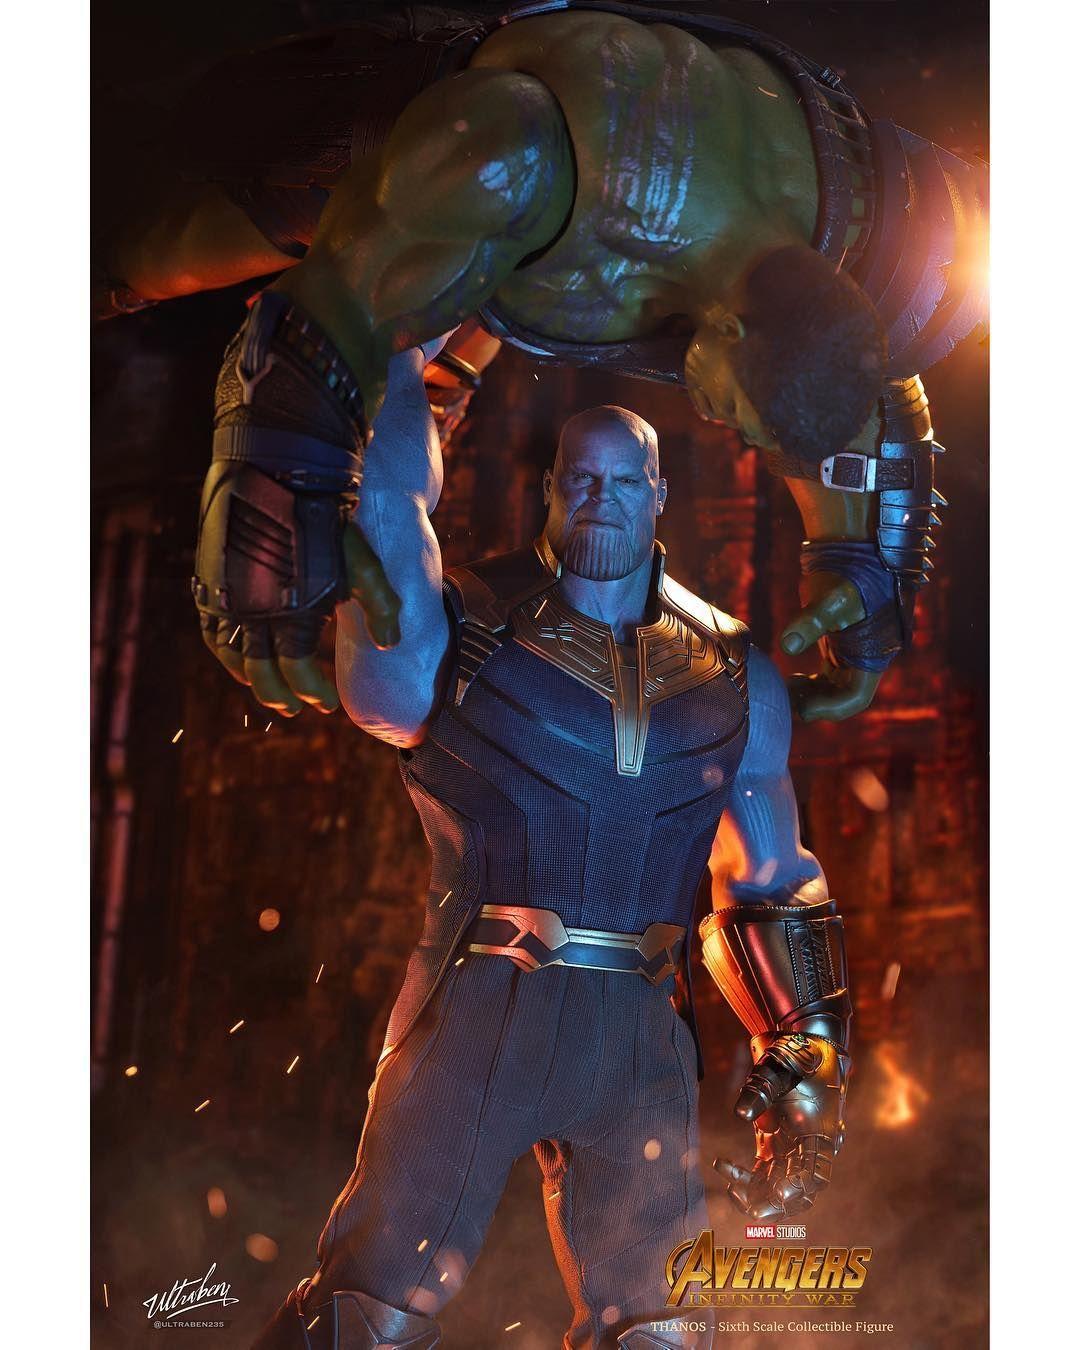 Thanos Avengers Endgame Josh Brolin Marvel